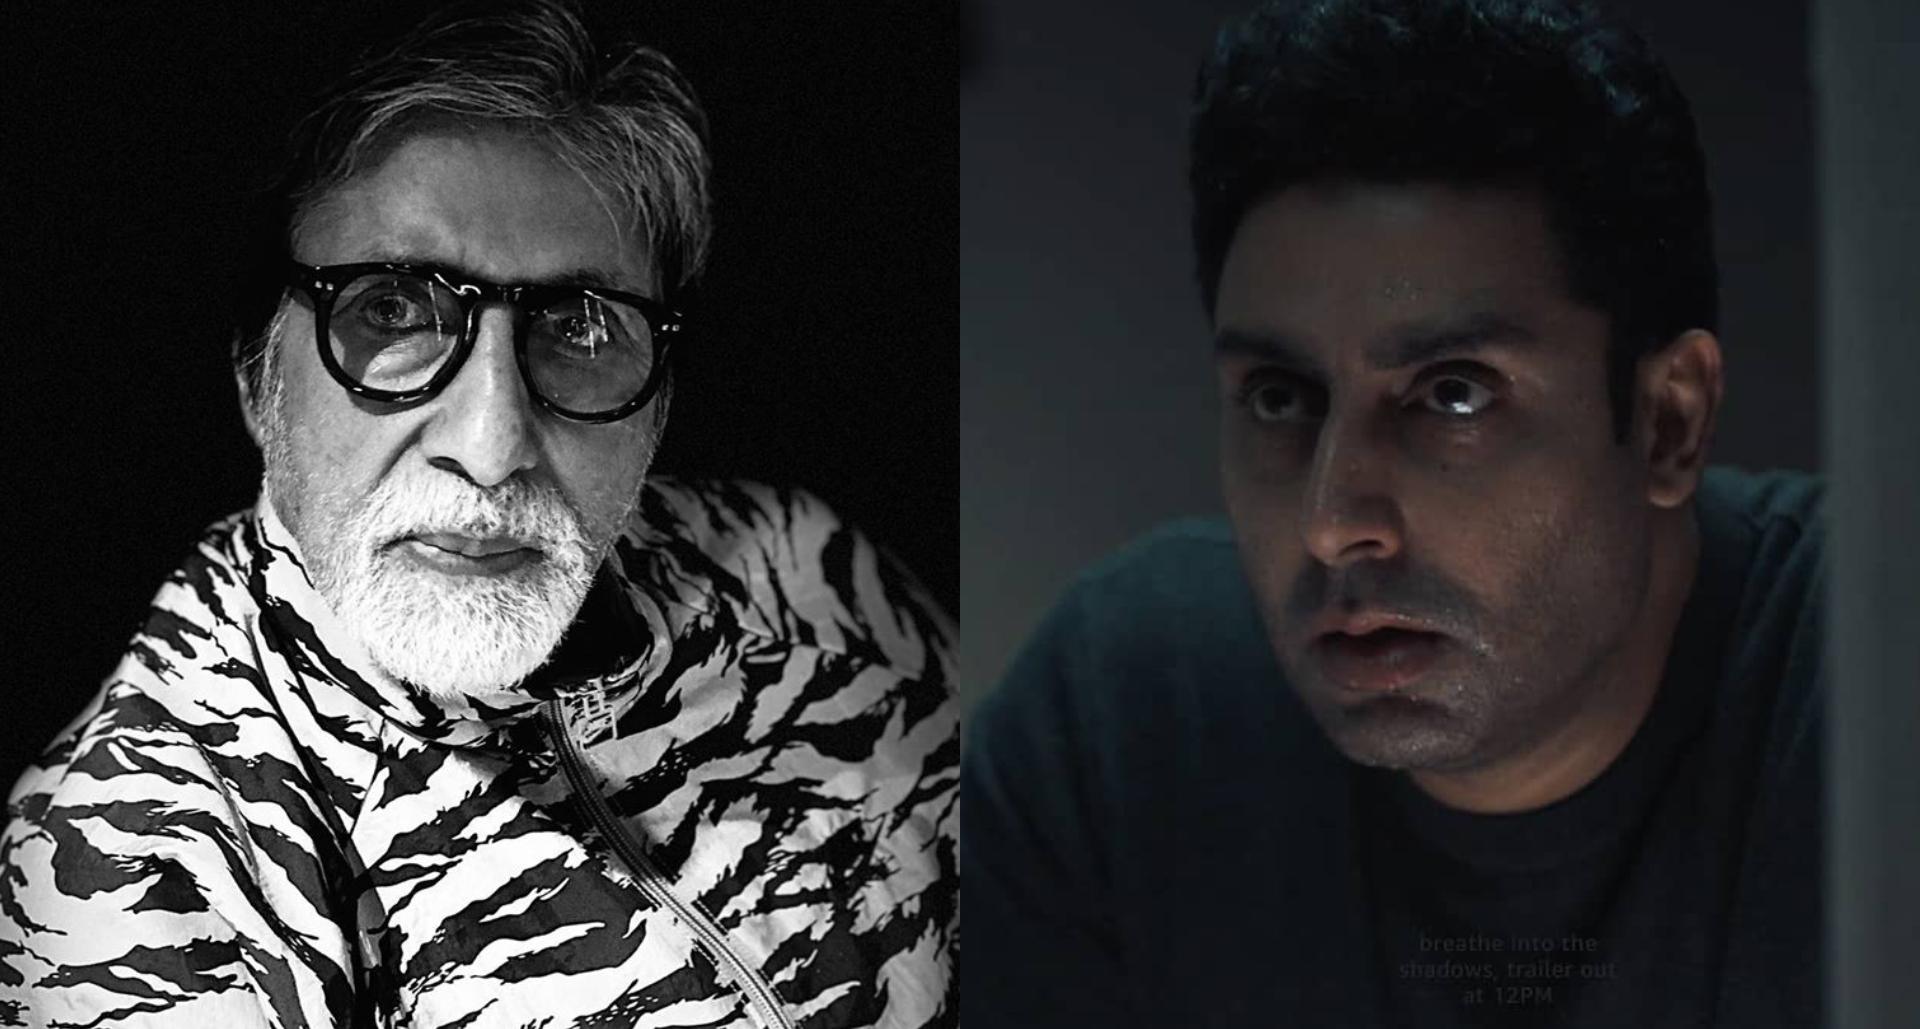 अमिताभ बच्चन के बाद बेटे अभिषेक बच्चन का भी कोरोना रिजल्ट आया पॉजिटिव